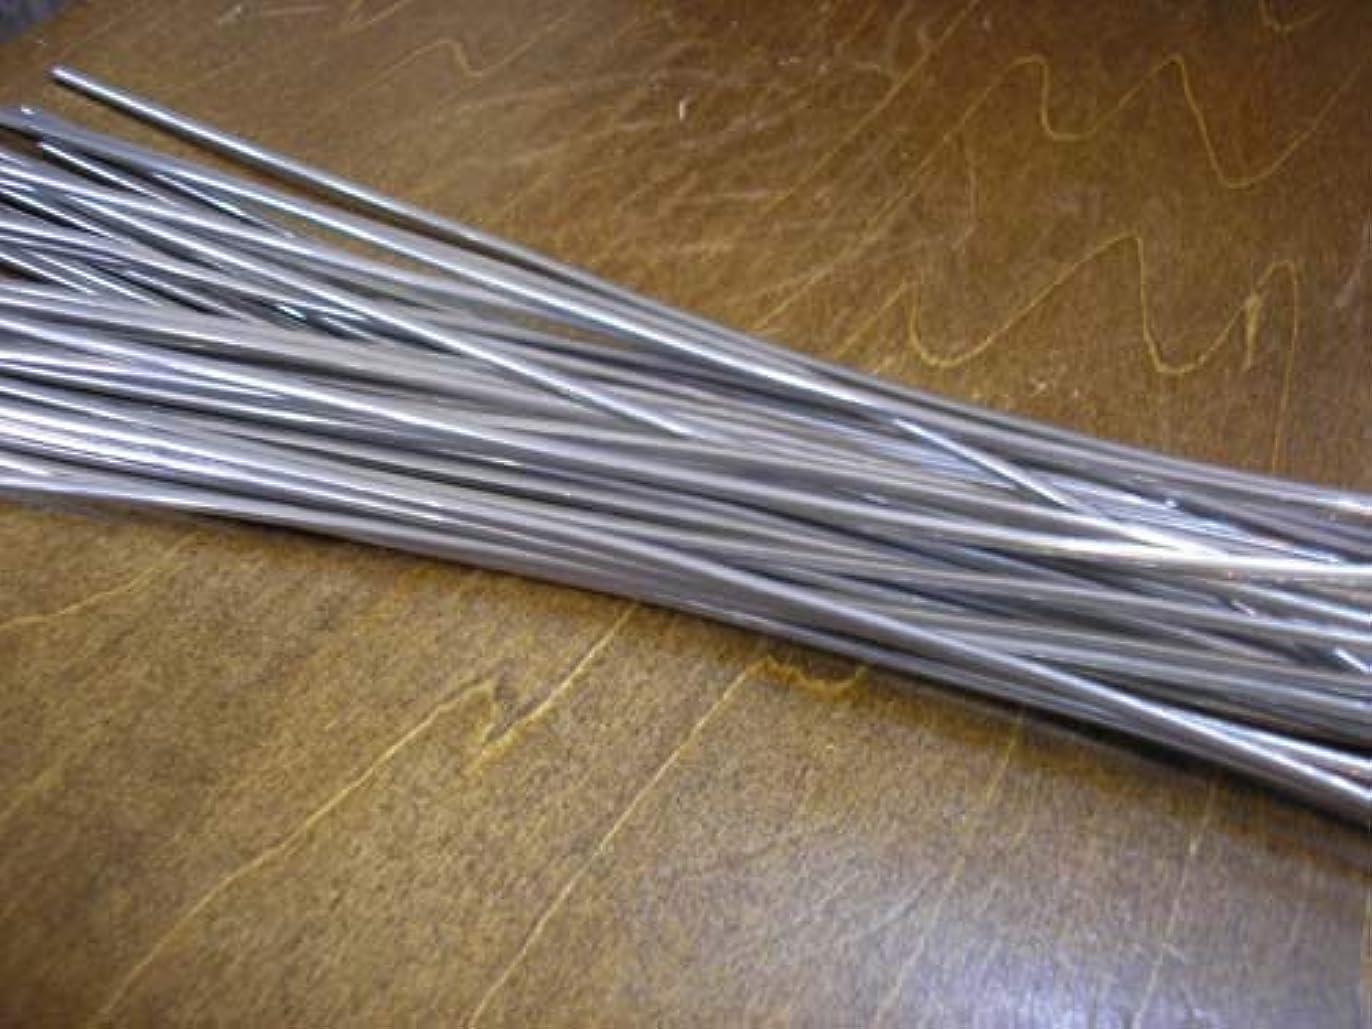 気を散らす地殻保険をかける半田 はんだ 鉛4対錫6 ステンドグラスはんだ棒500g(ステンドグラス用)